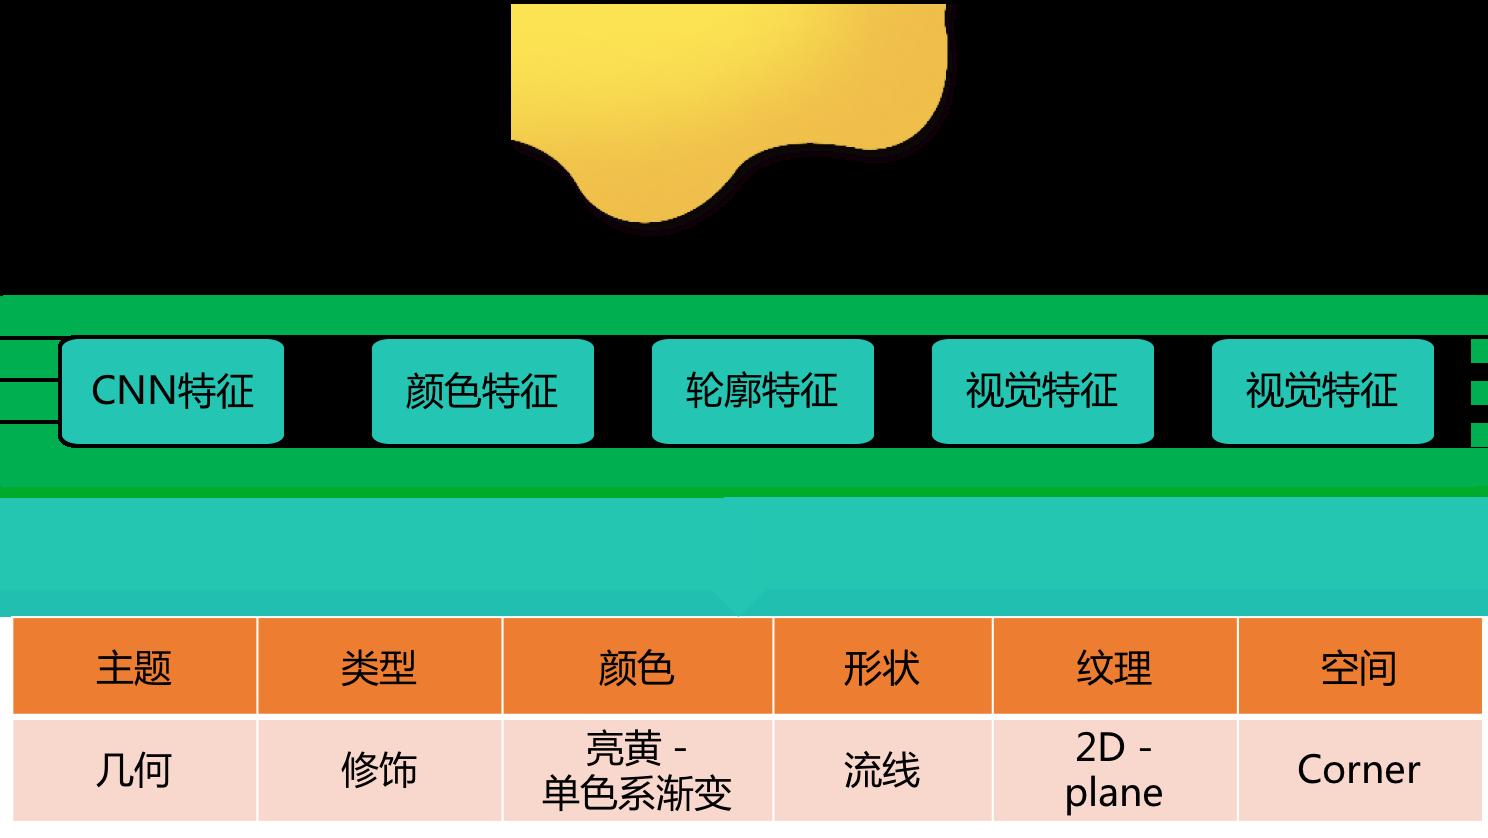 图3 素材库-特征提取